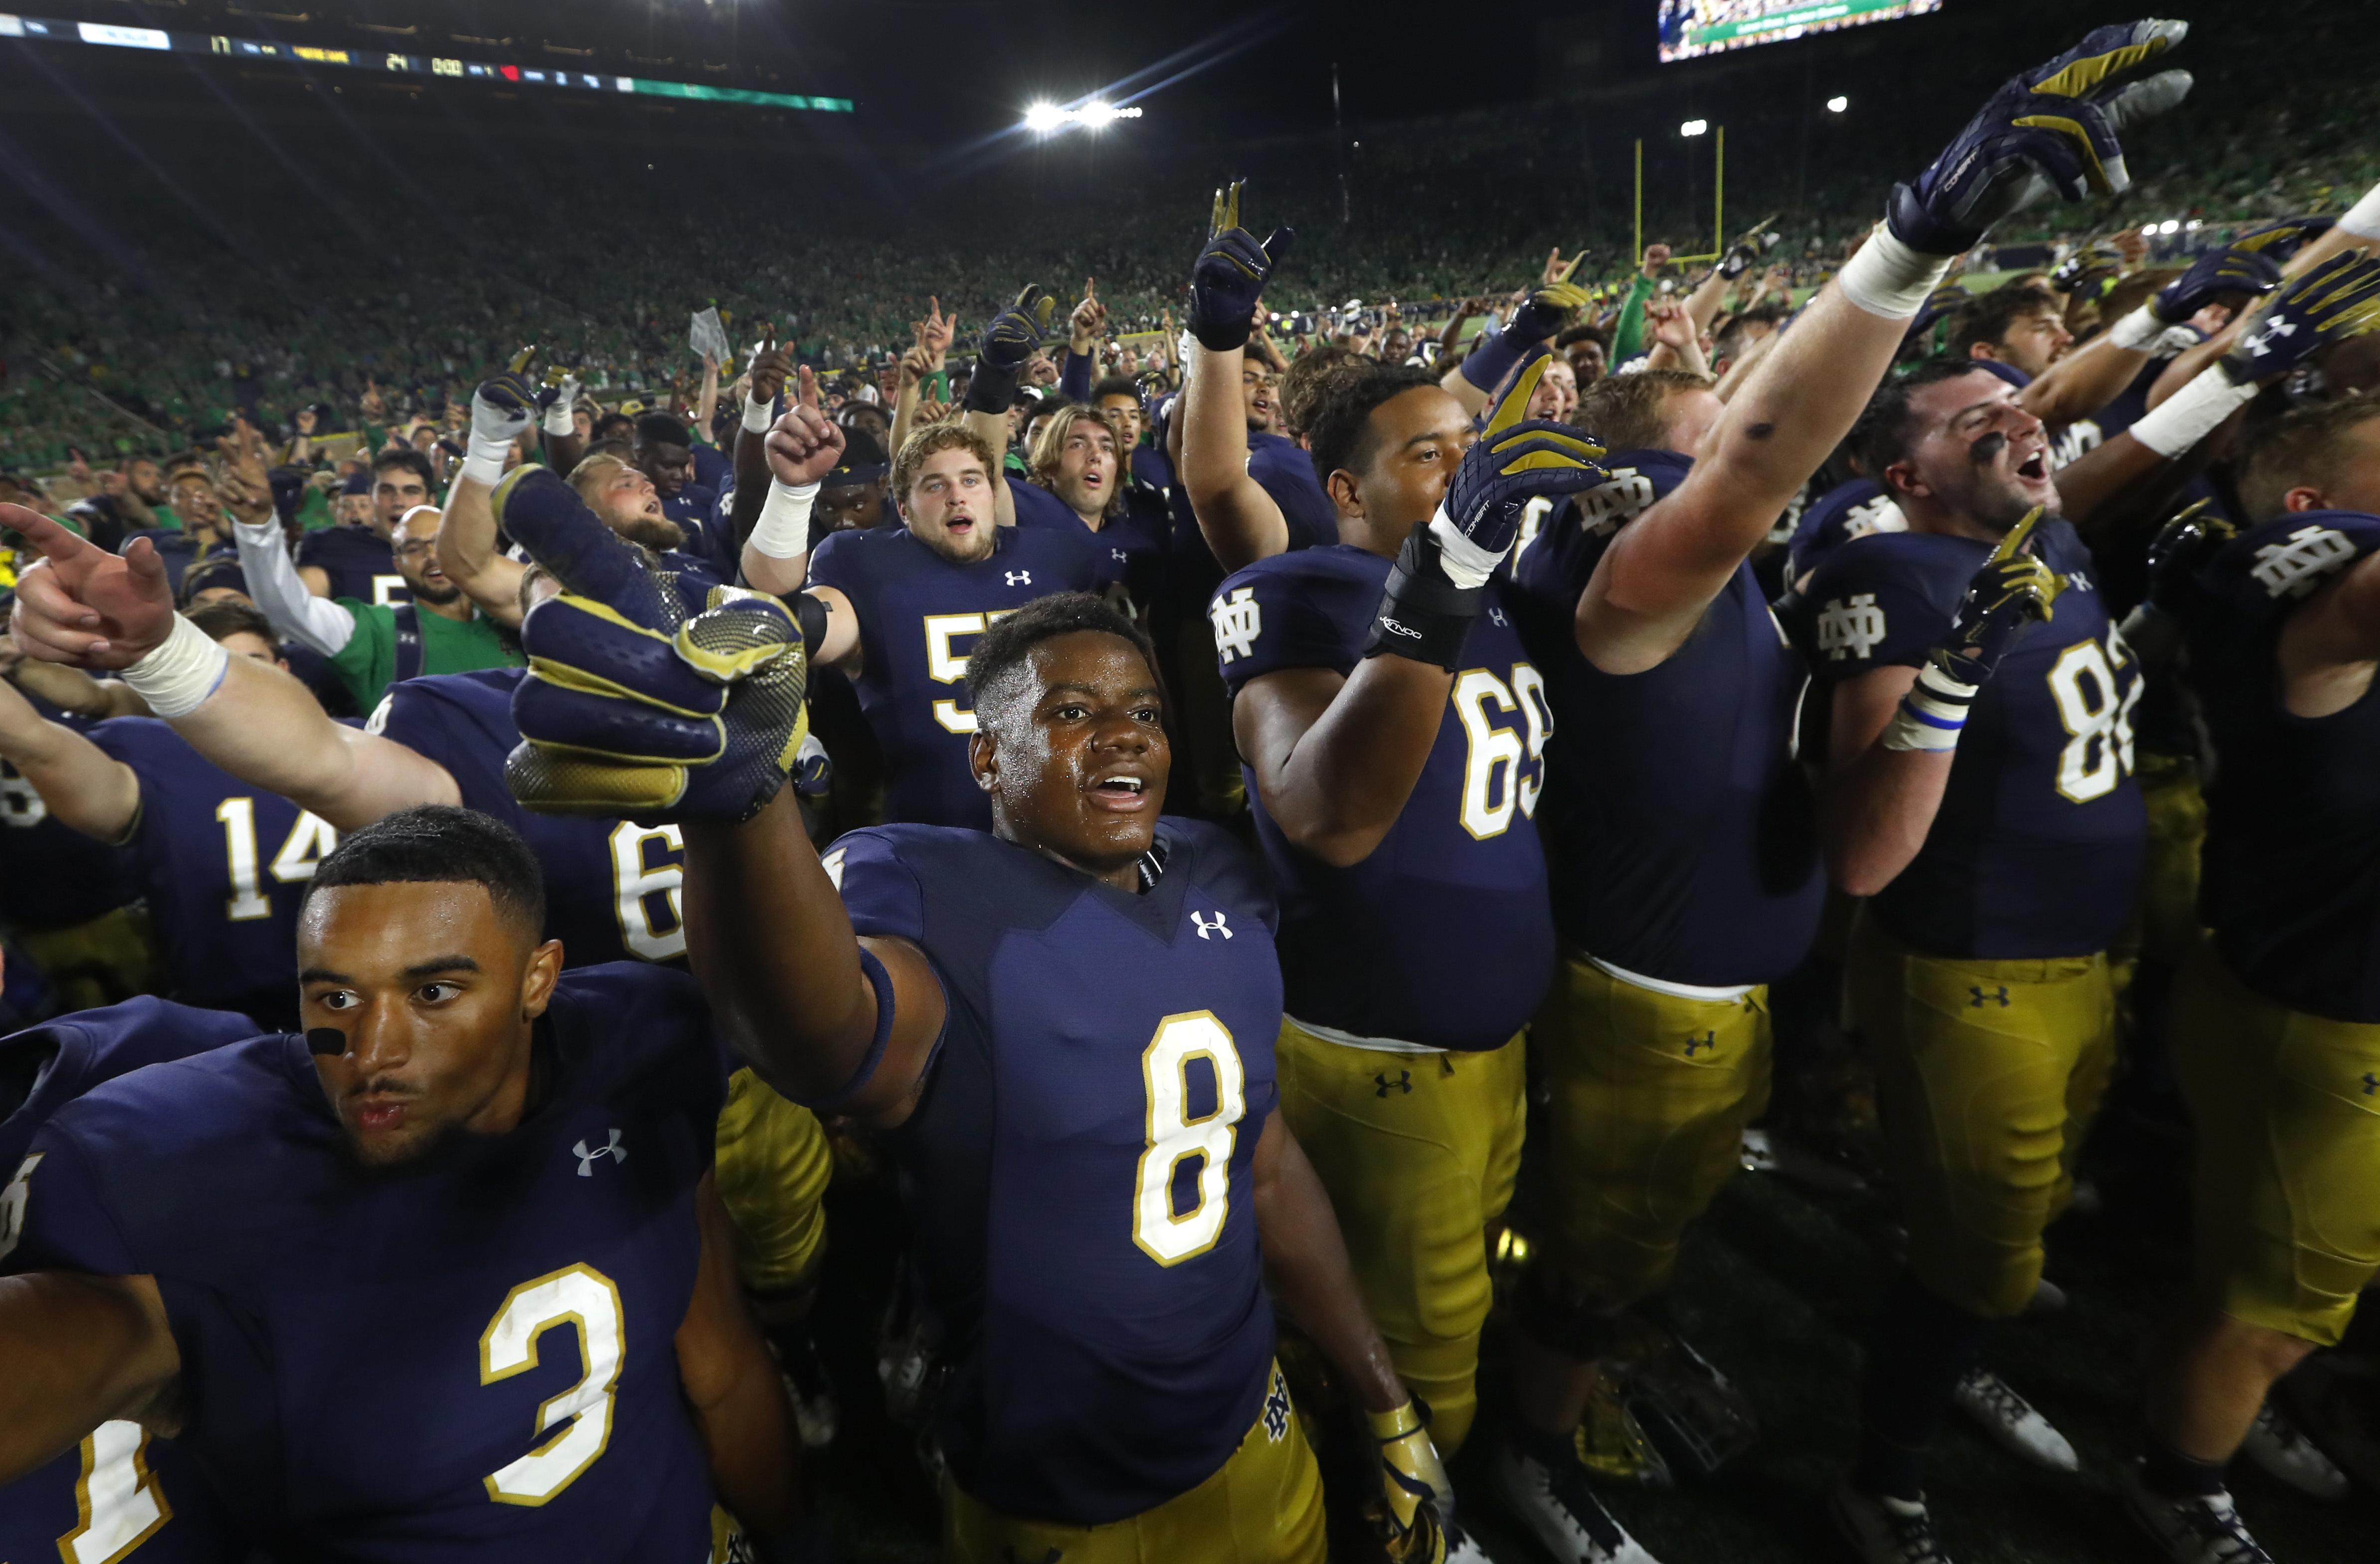 Top 25 college football: No. 12 Notre Dame beats No. 14 ...